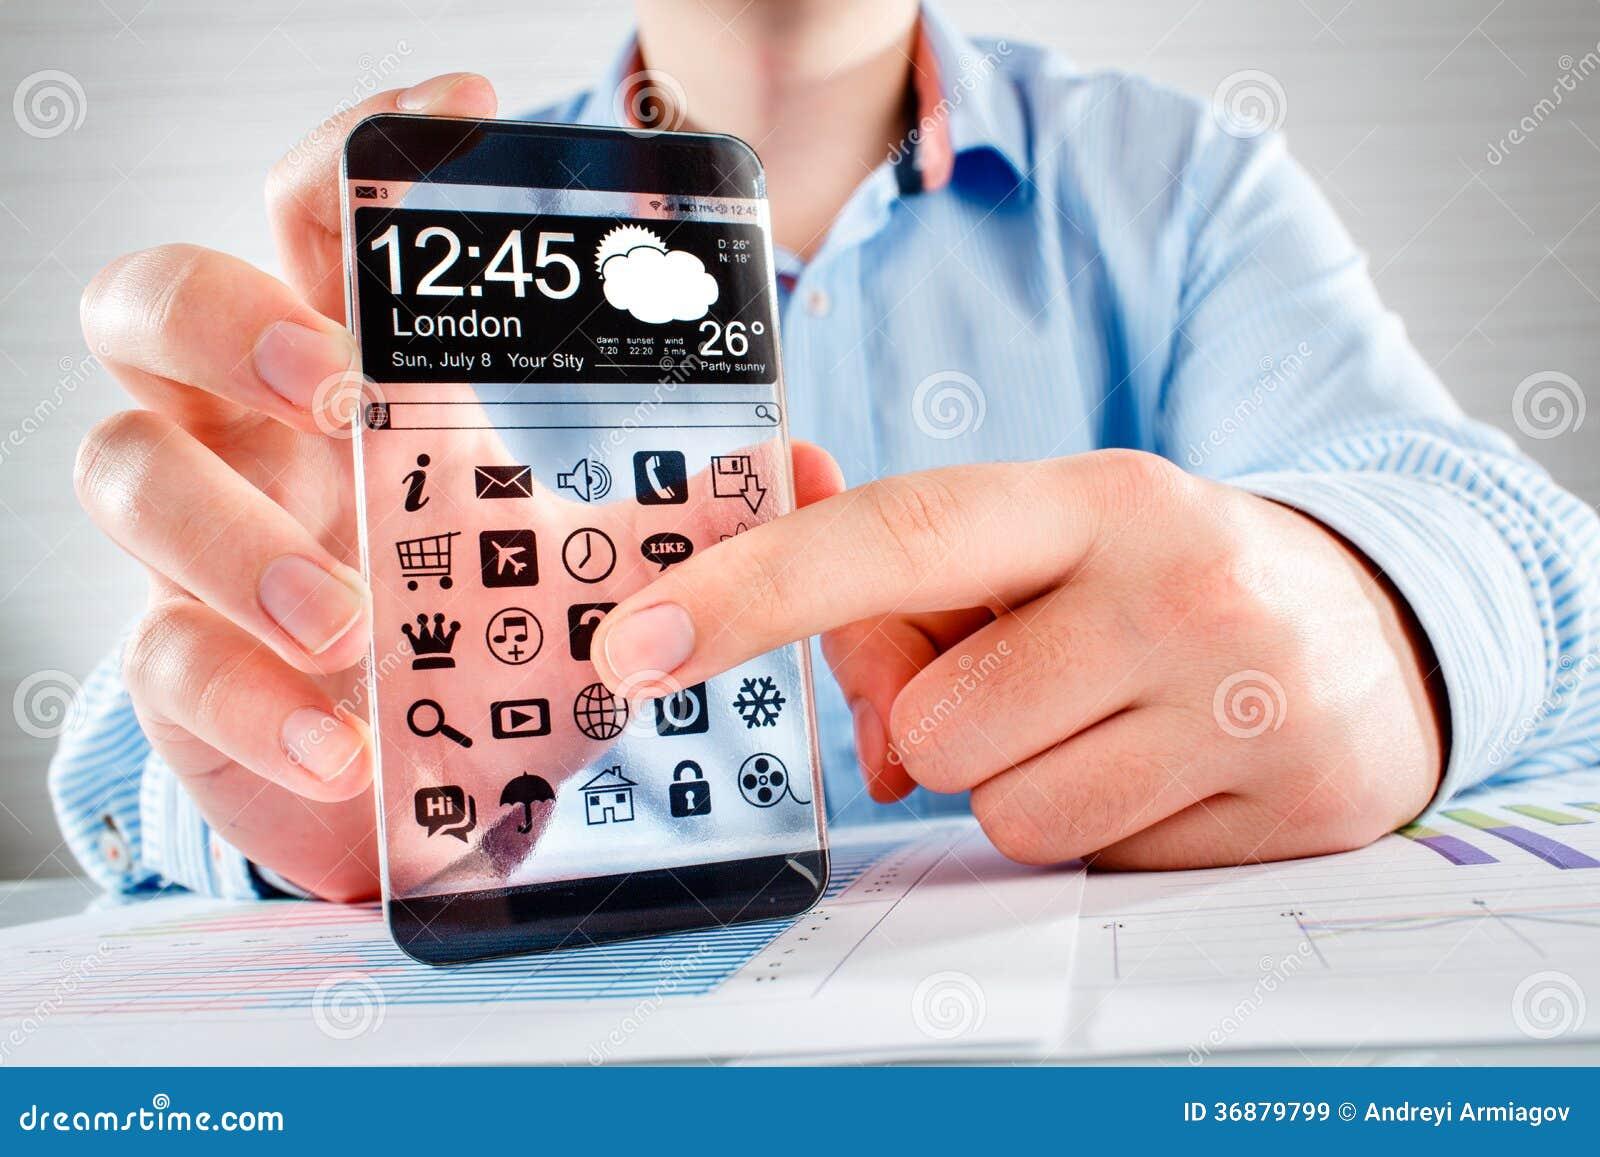 Download Smartphone Con Lo Schermo Trasparente In Mani Umane. Illustrazione di Stock - Illustrazione di estratto, mano: 36879799